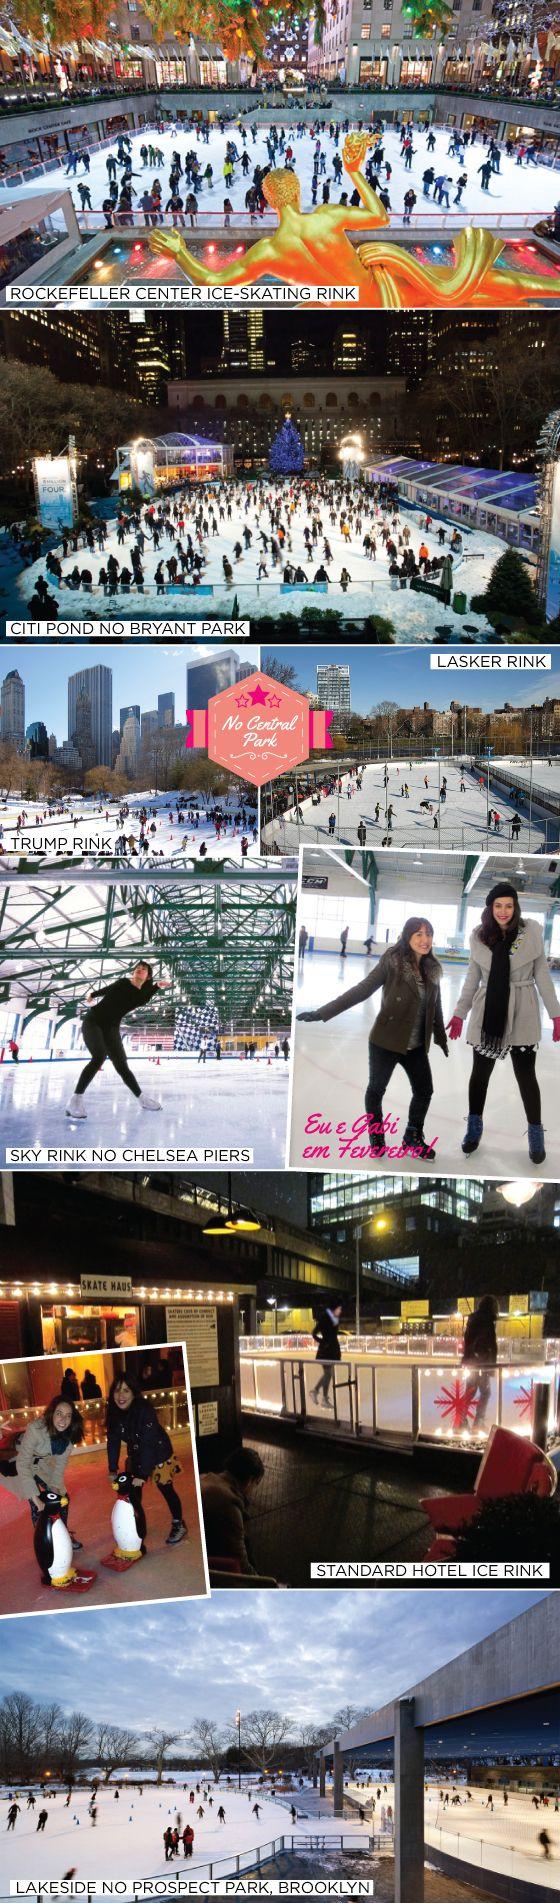 patinacao-gelo-ice-skating-ny-nova-yprk-lugares-where-to-go-one-ir-patinar-viagem-dica-tips-travel